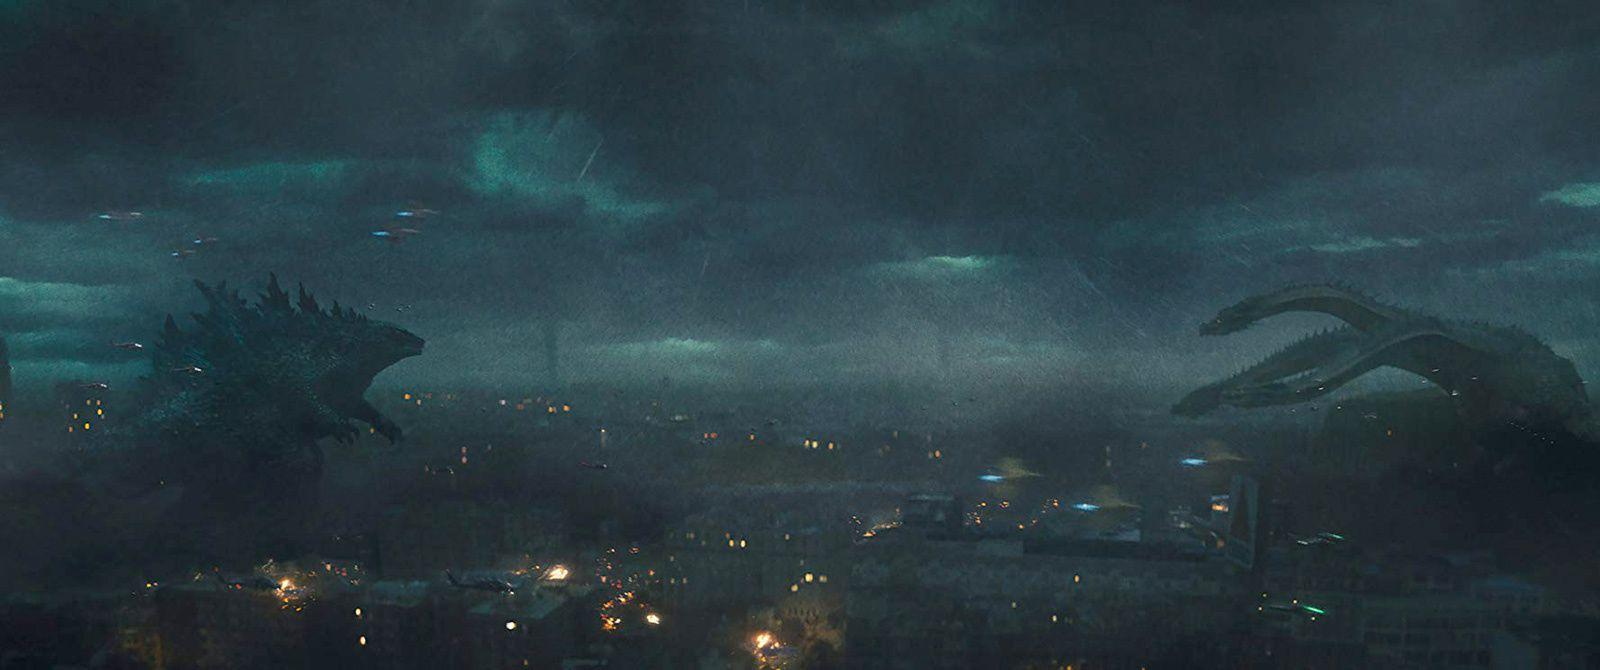 Godzilla 2 : roi des monstres (BANDE-ANNONCE 1 et 2) avec Vera Farmiga, Kyle Chandler - Le 29 mai 2019  au cinéma